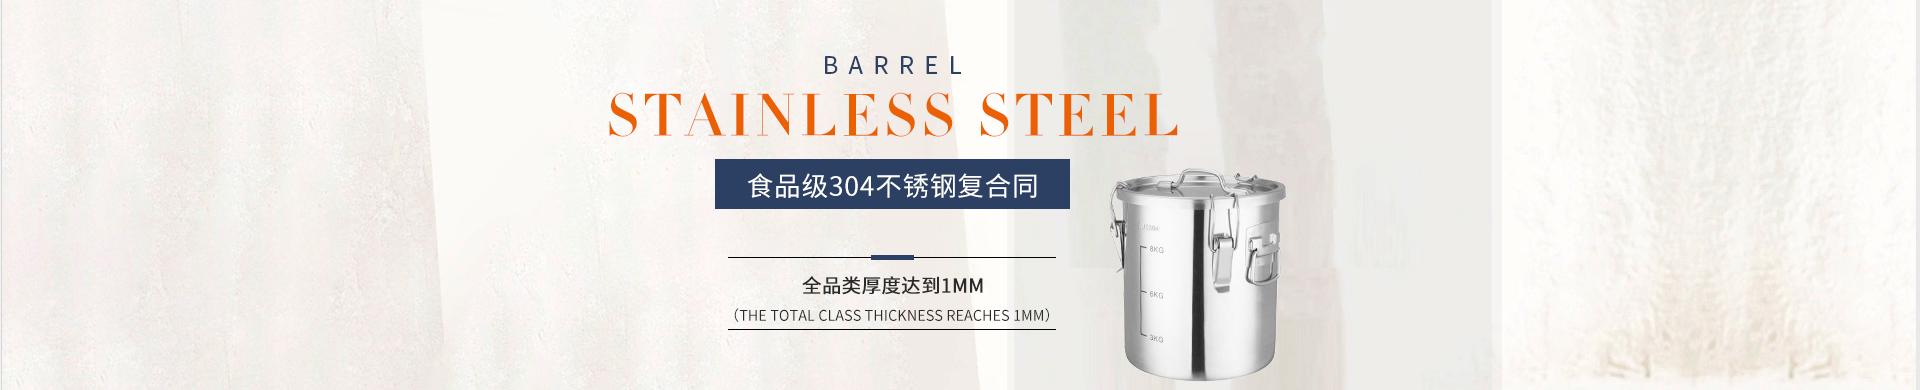 中国不锈钢罐交易网